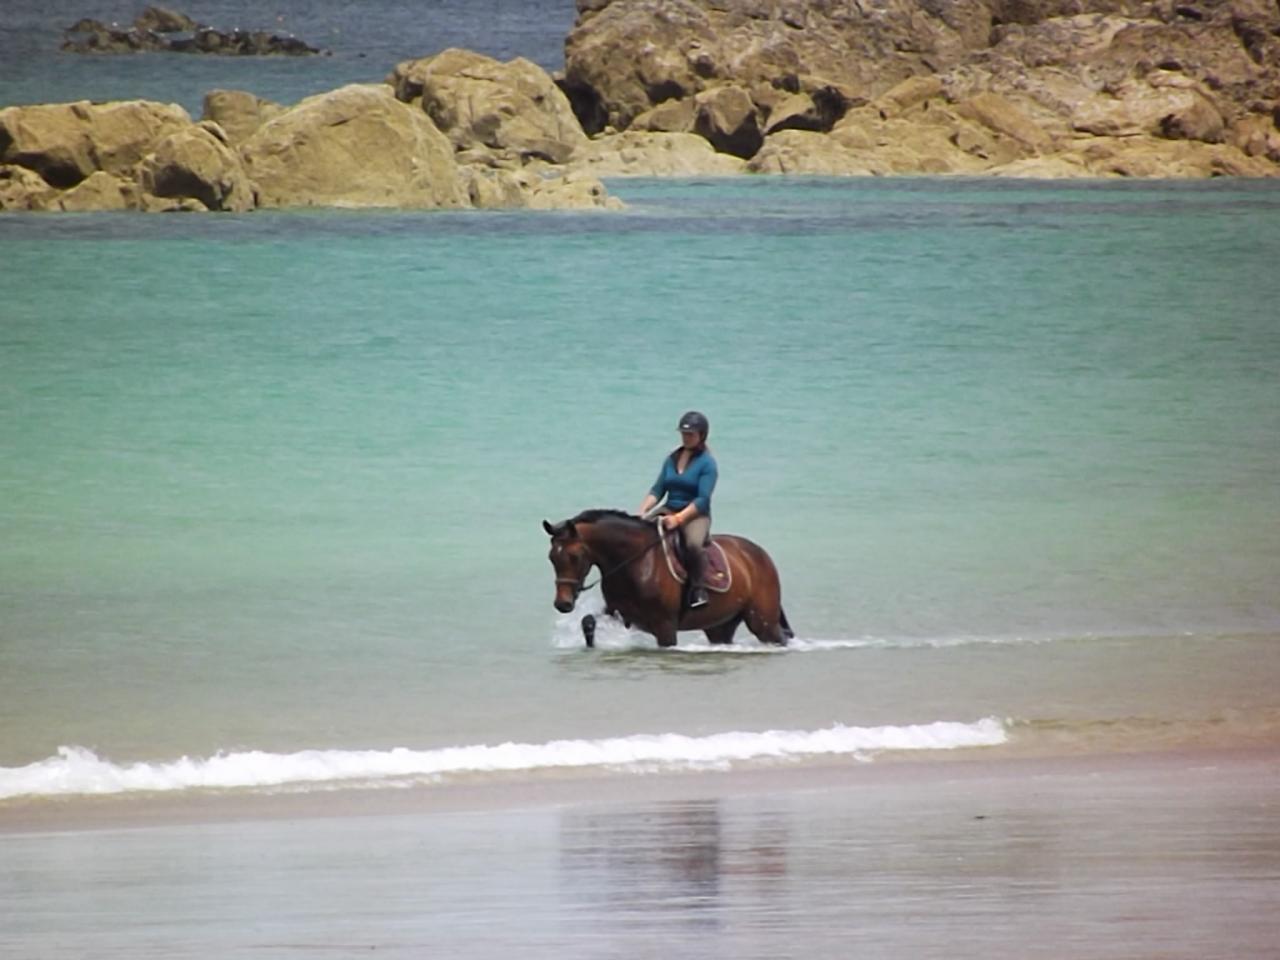 cheval mer calme thalasso bien-être soins équine curistes